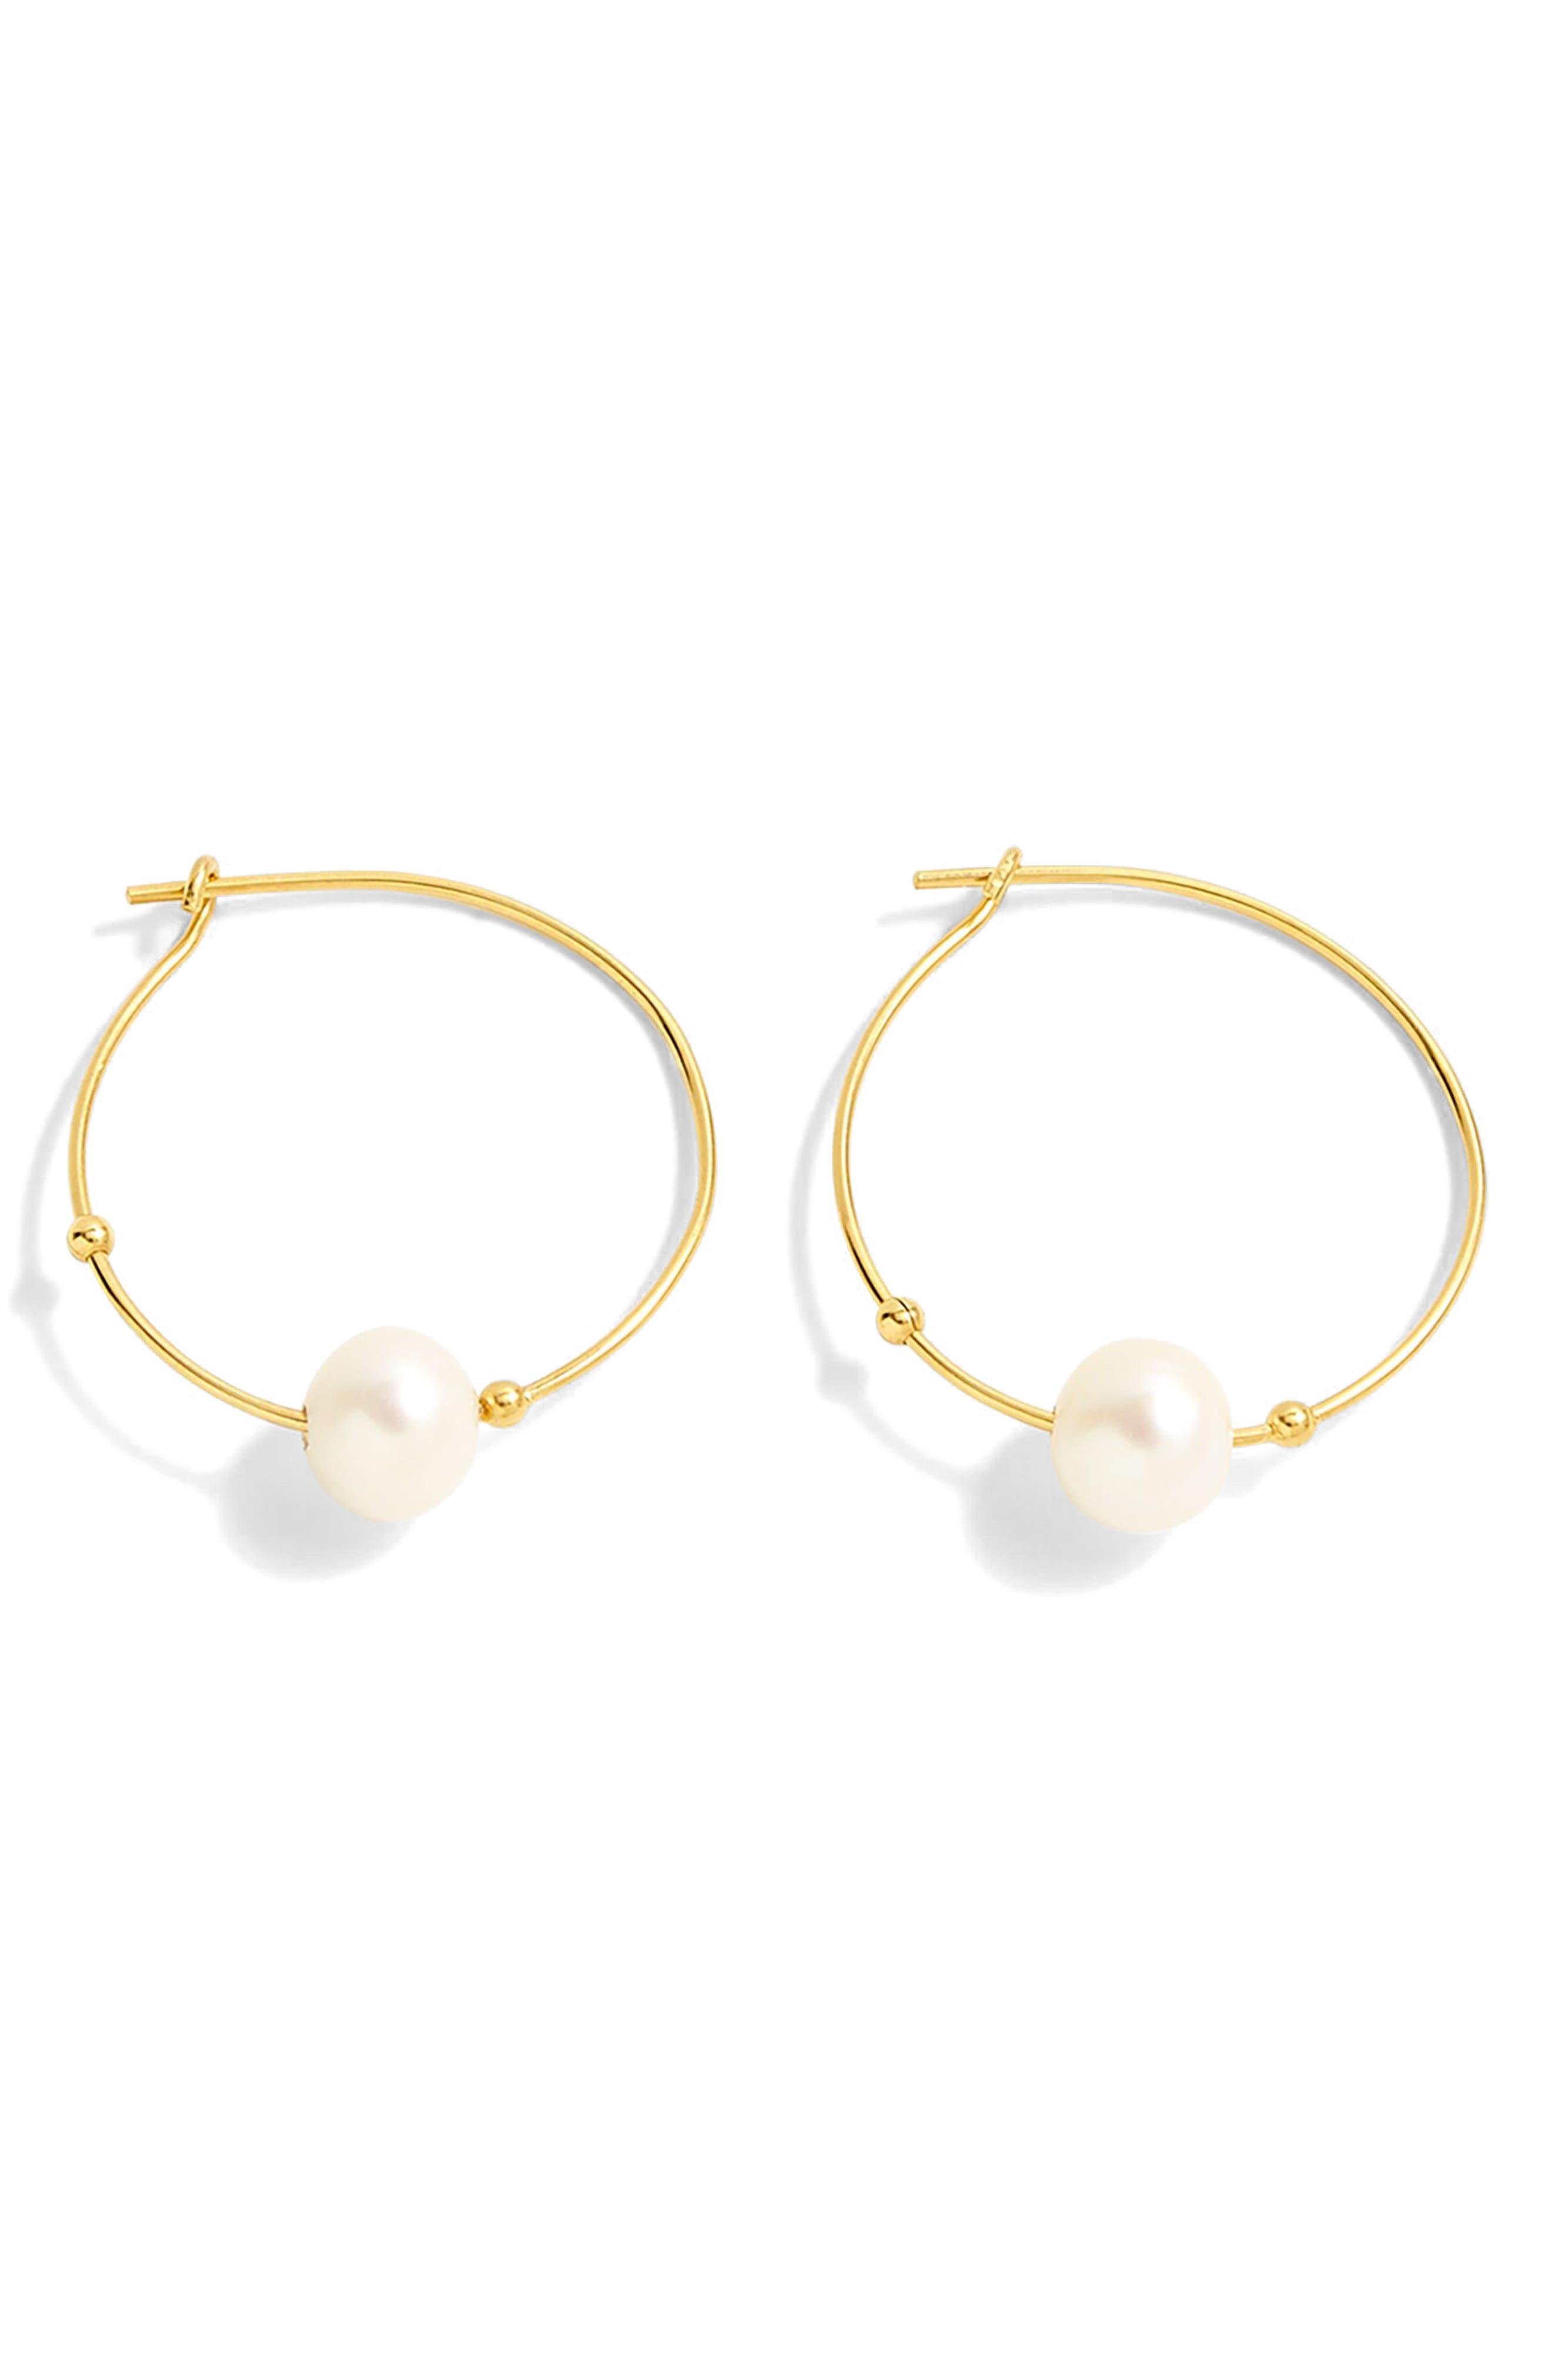 J.Crew Single Pearl Hoop Earrings,                         Main,                         color, Gold